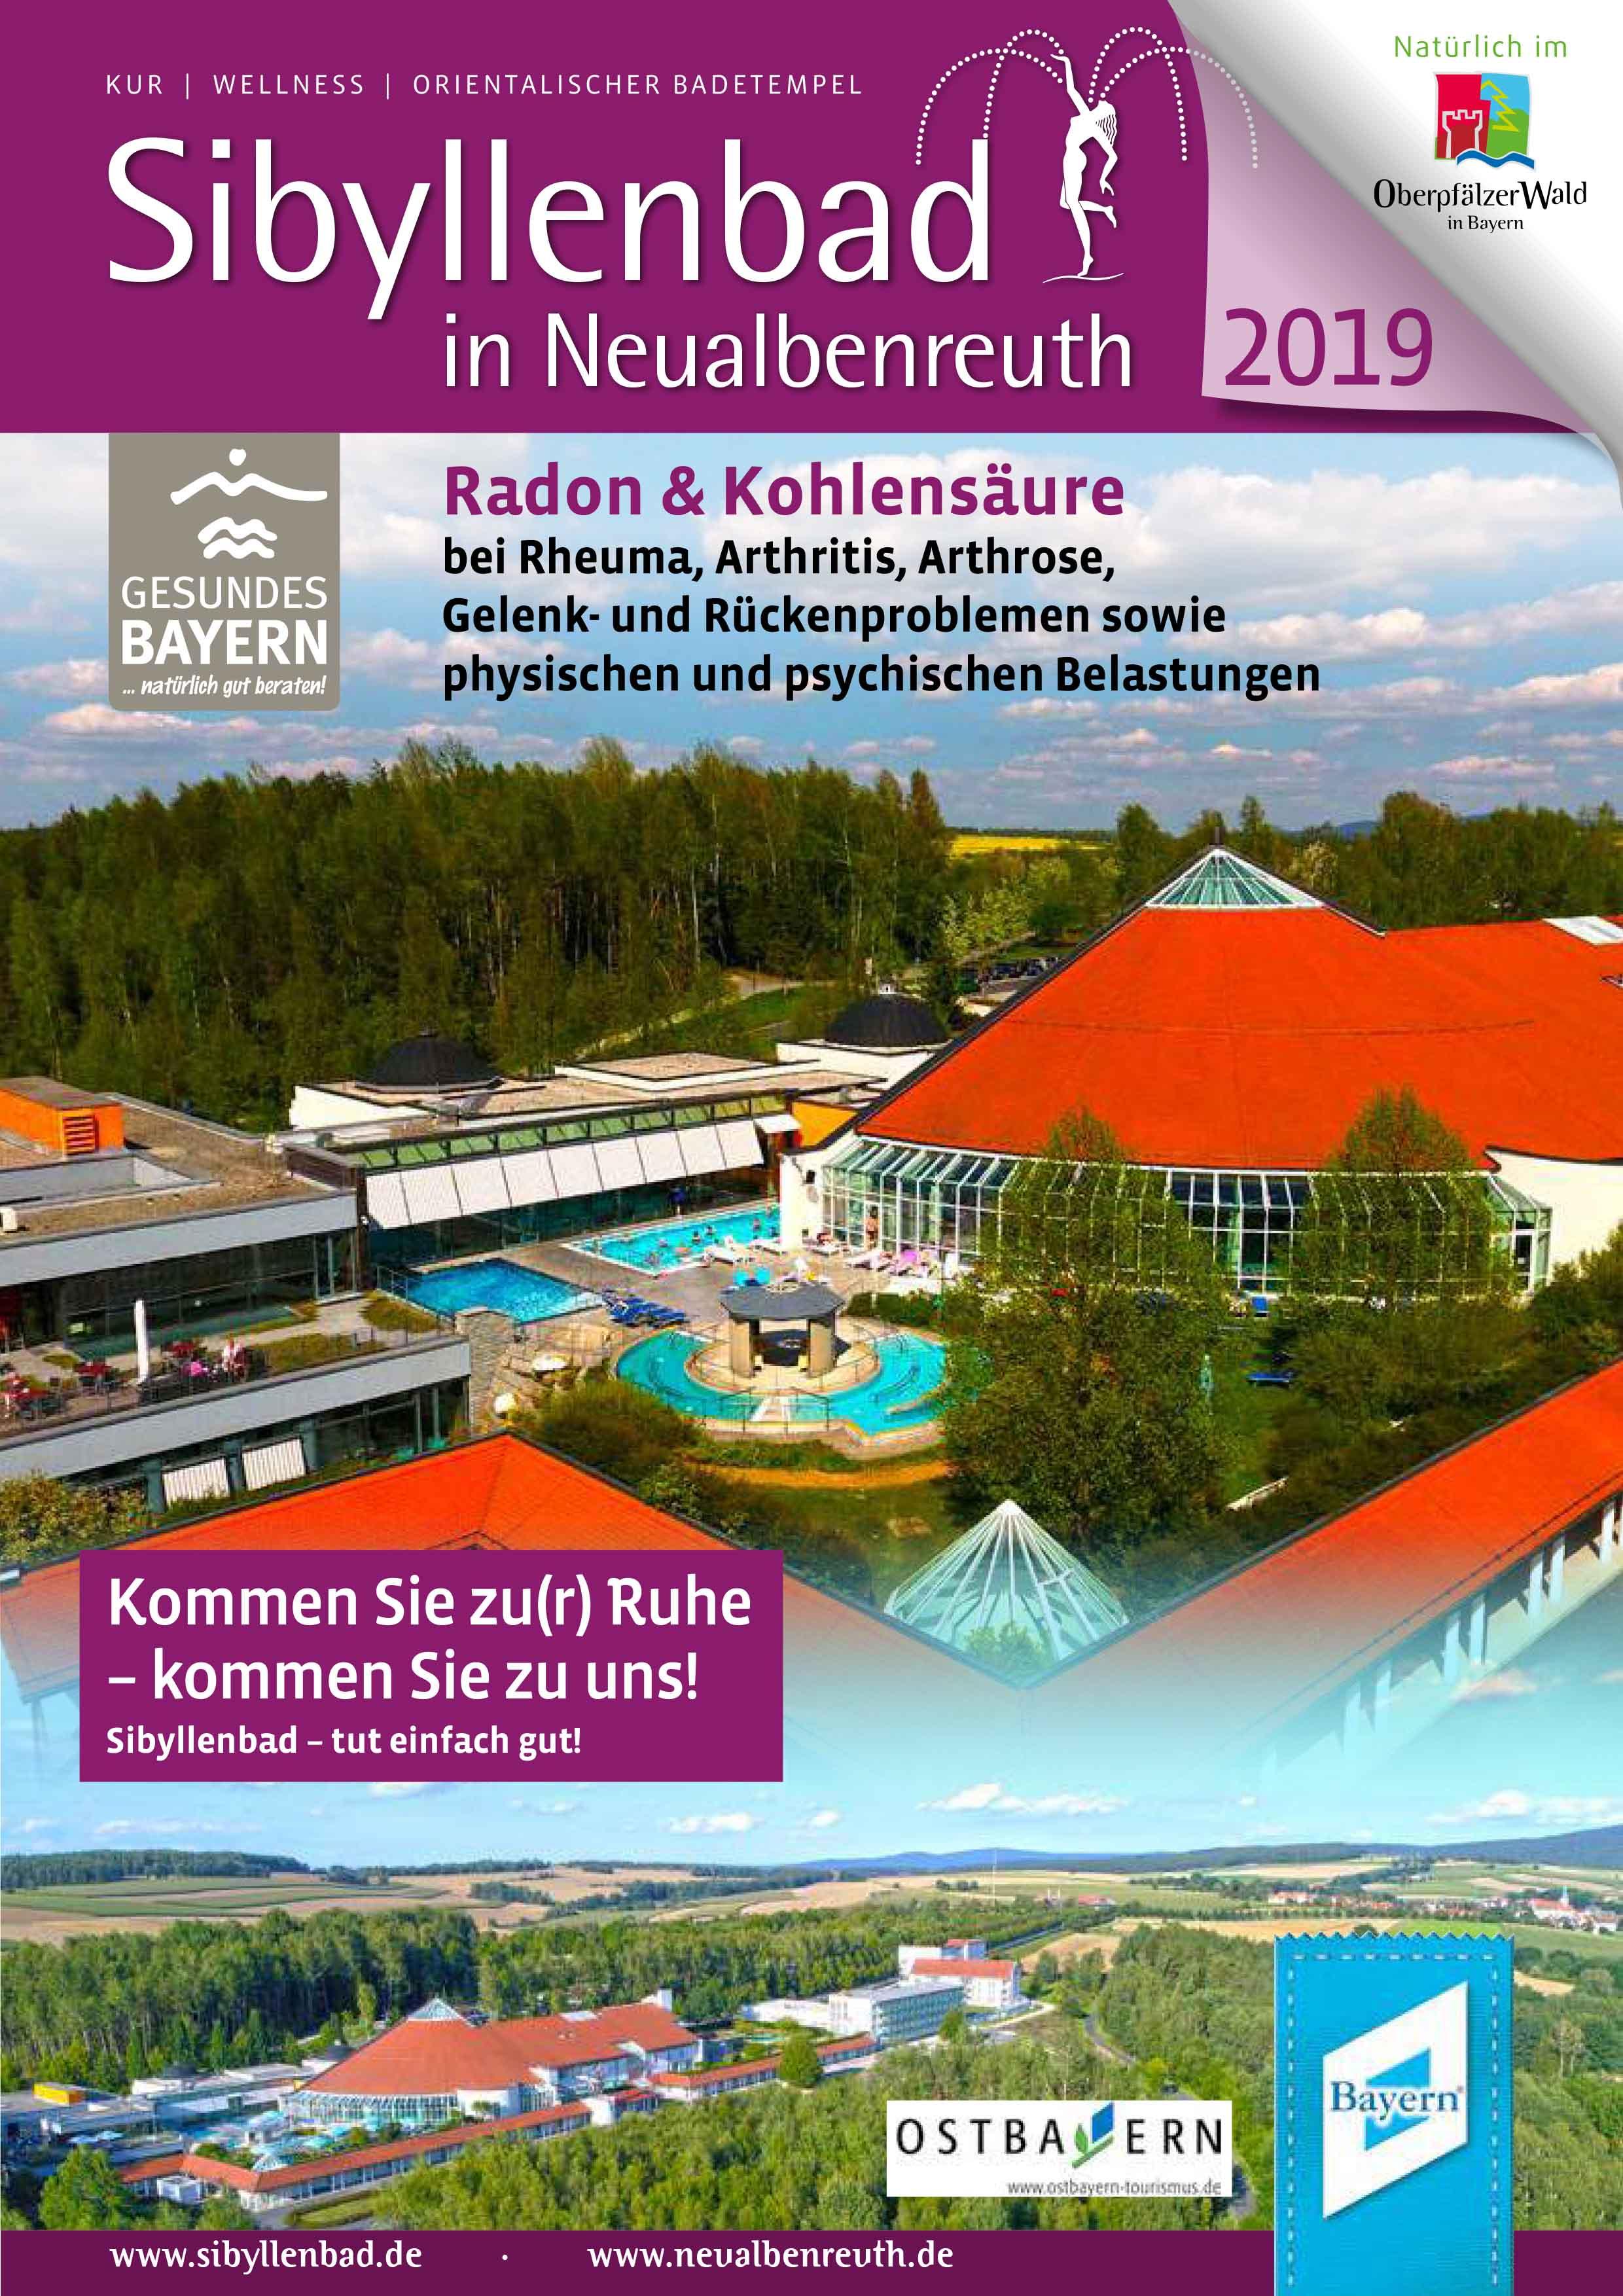 Sibyllenbad-Katalog-2019-als-PDF-zum-Download-1